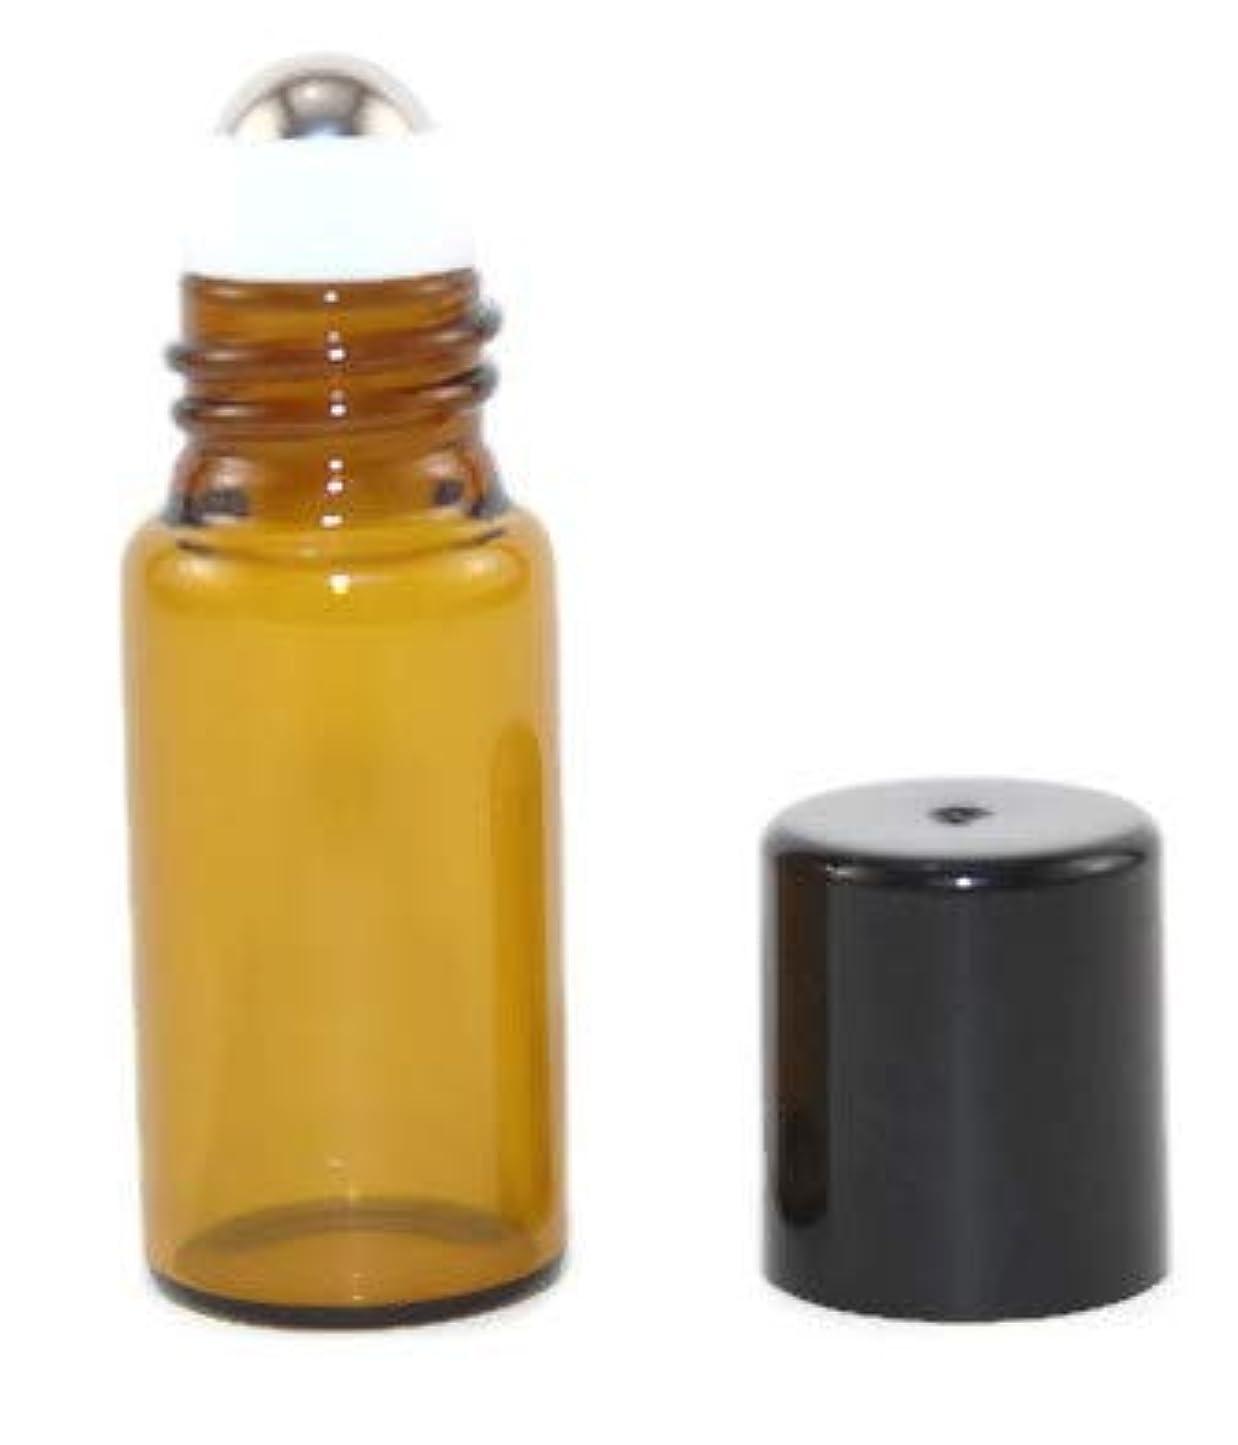 予測する解説撤回するUSA 144 Amber Glass 3 ml Mini Roll-On Glass Bottles with Stainless Steel Roller Balls - Refillable Aromatherapy...